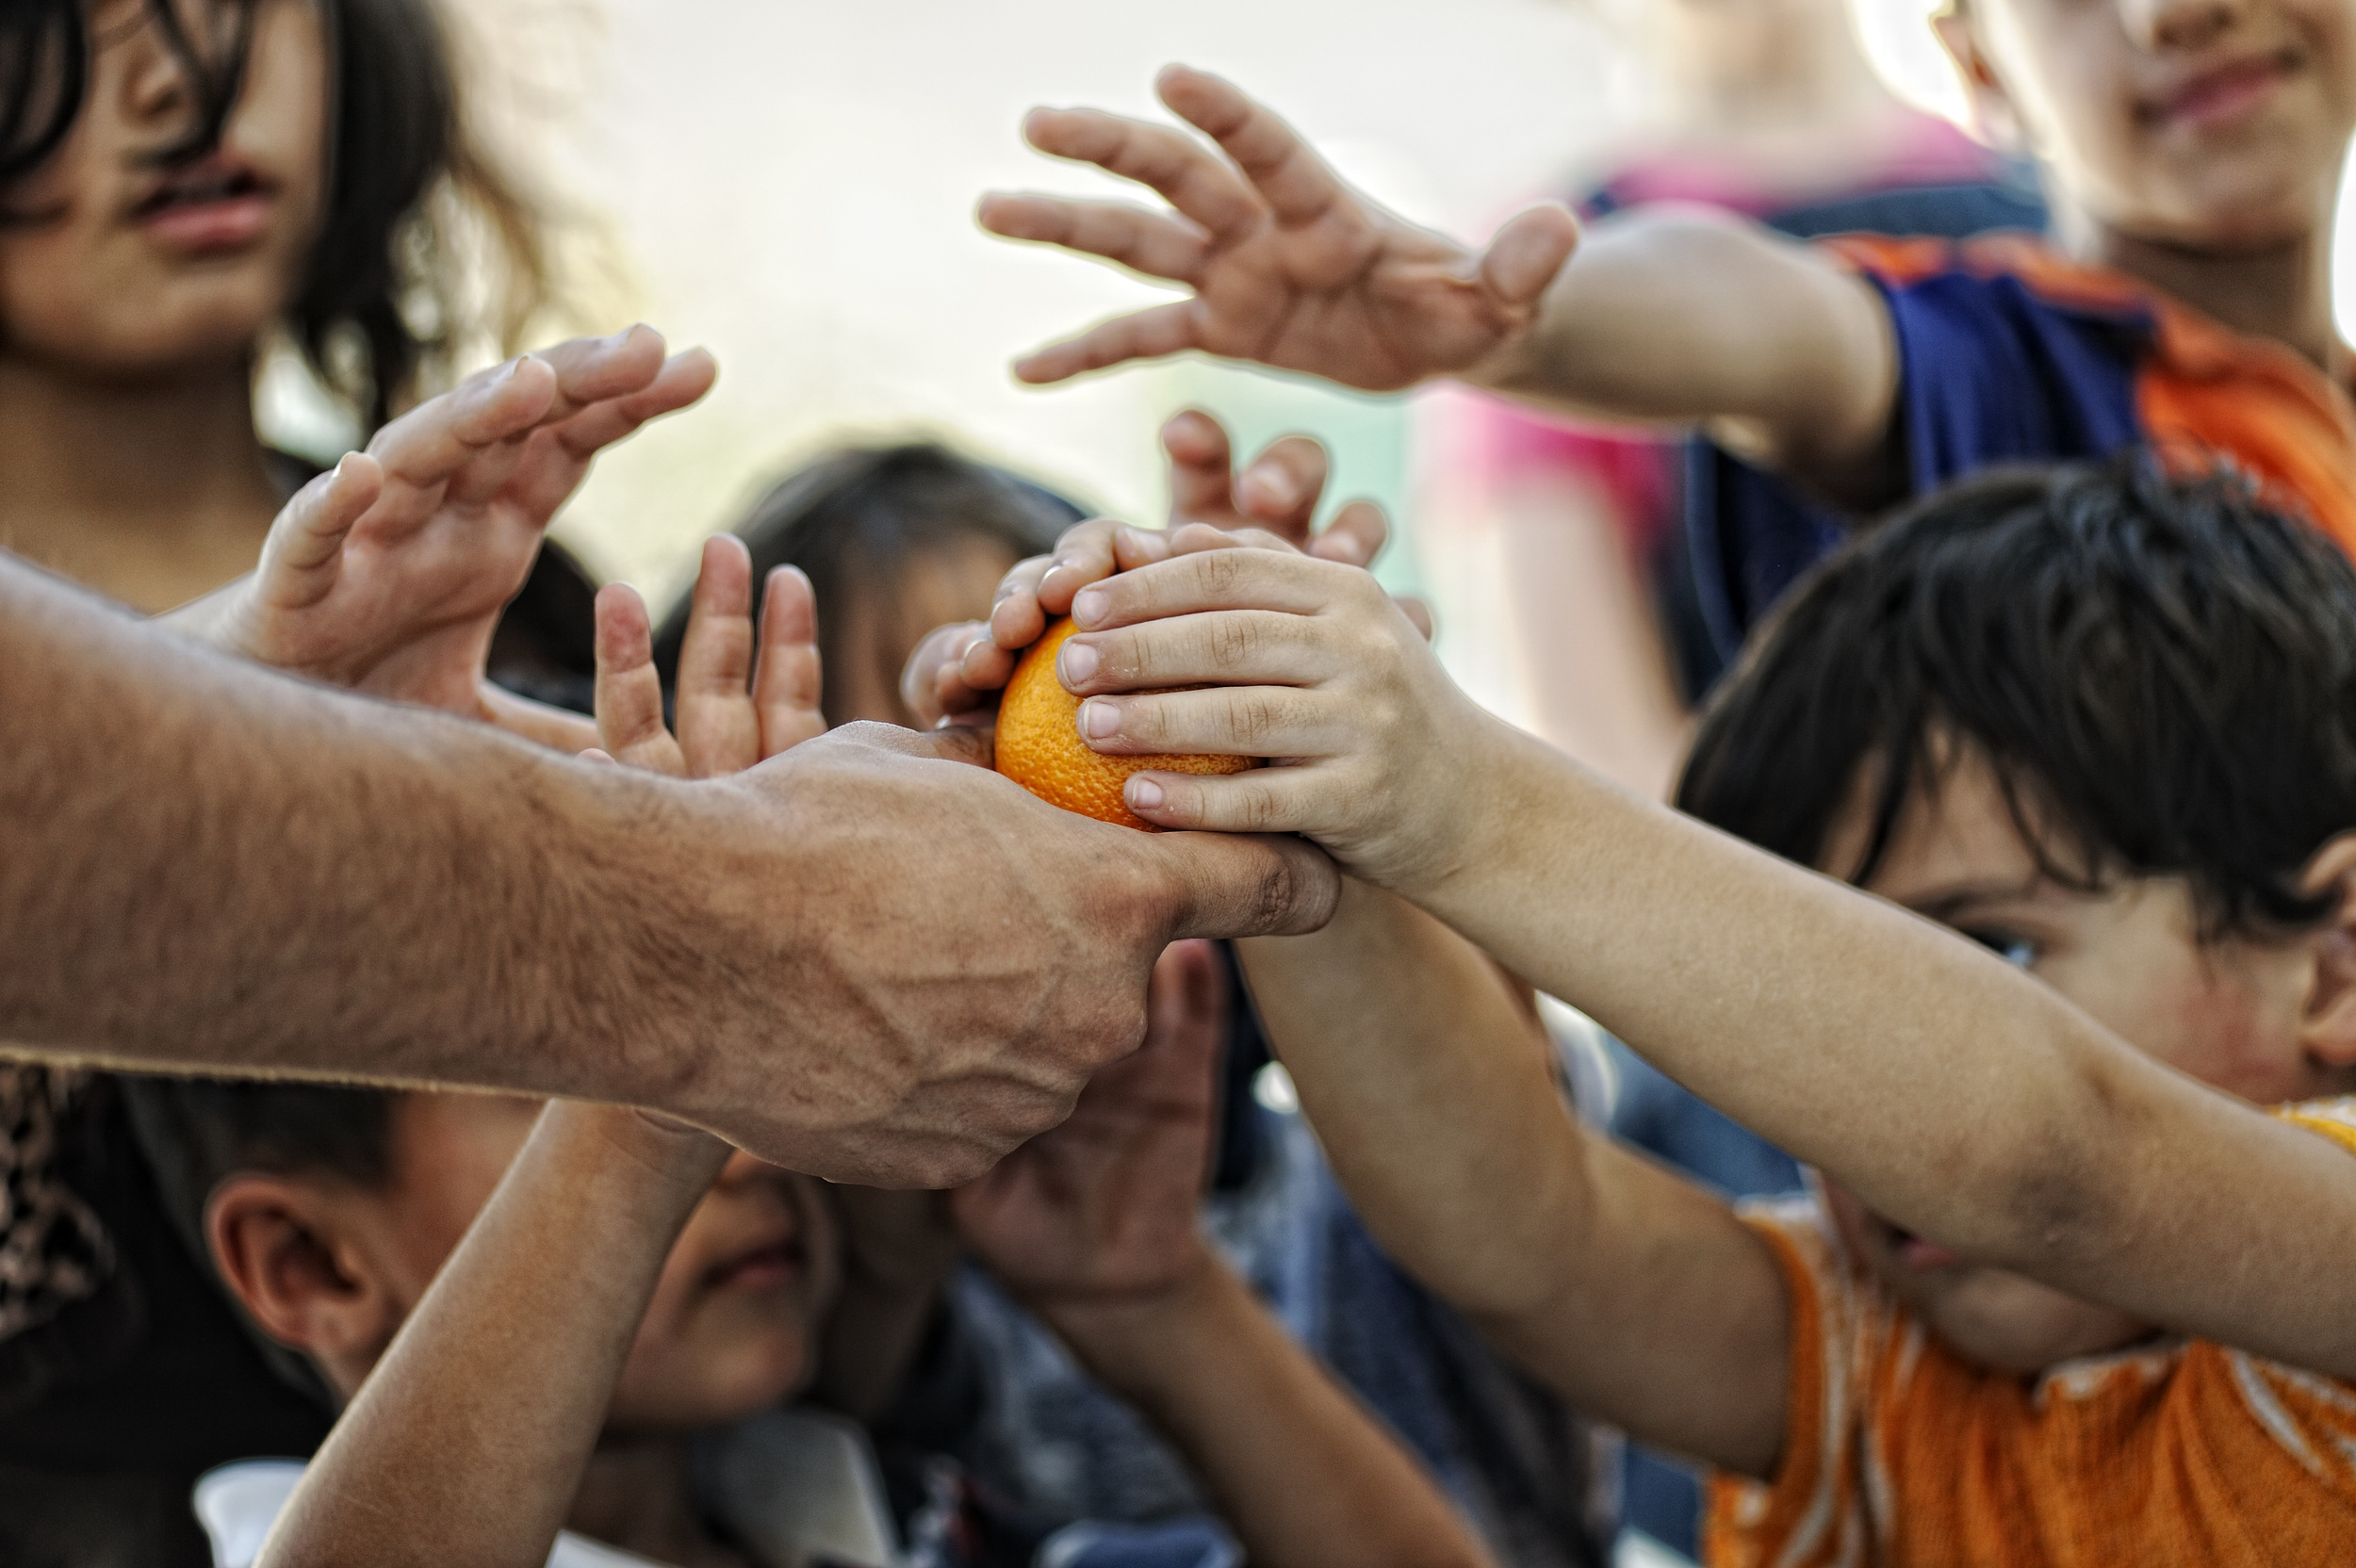 Riqueza e Pobreza, que separa os povos do mundo - Terceiro Mundo